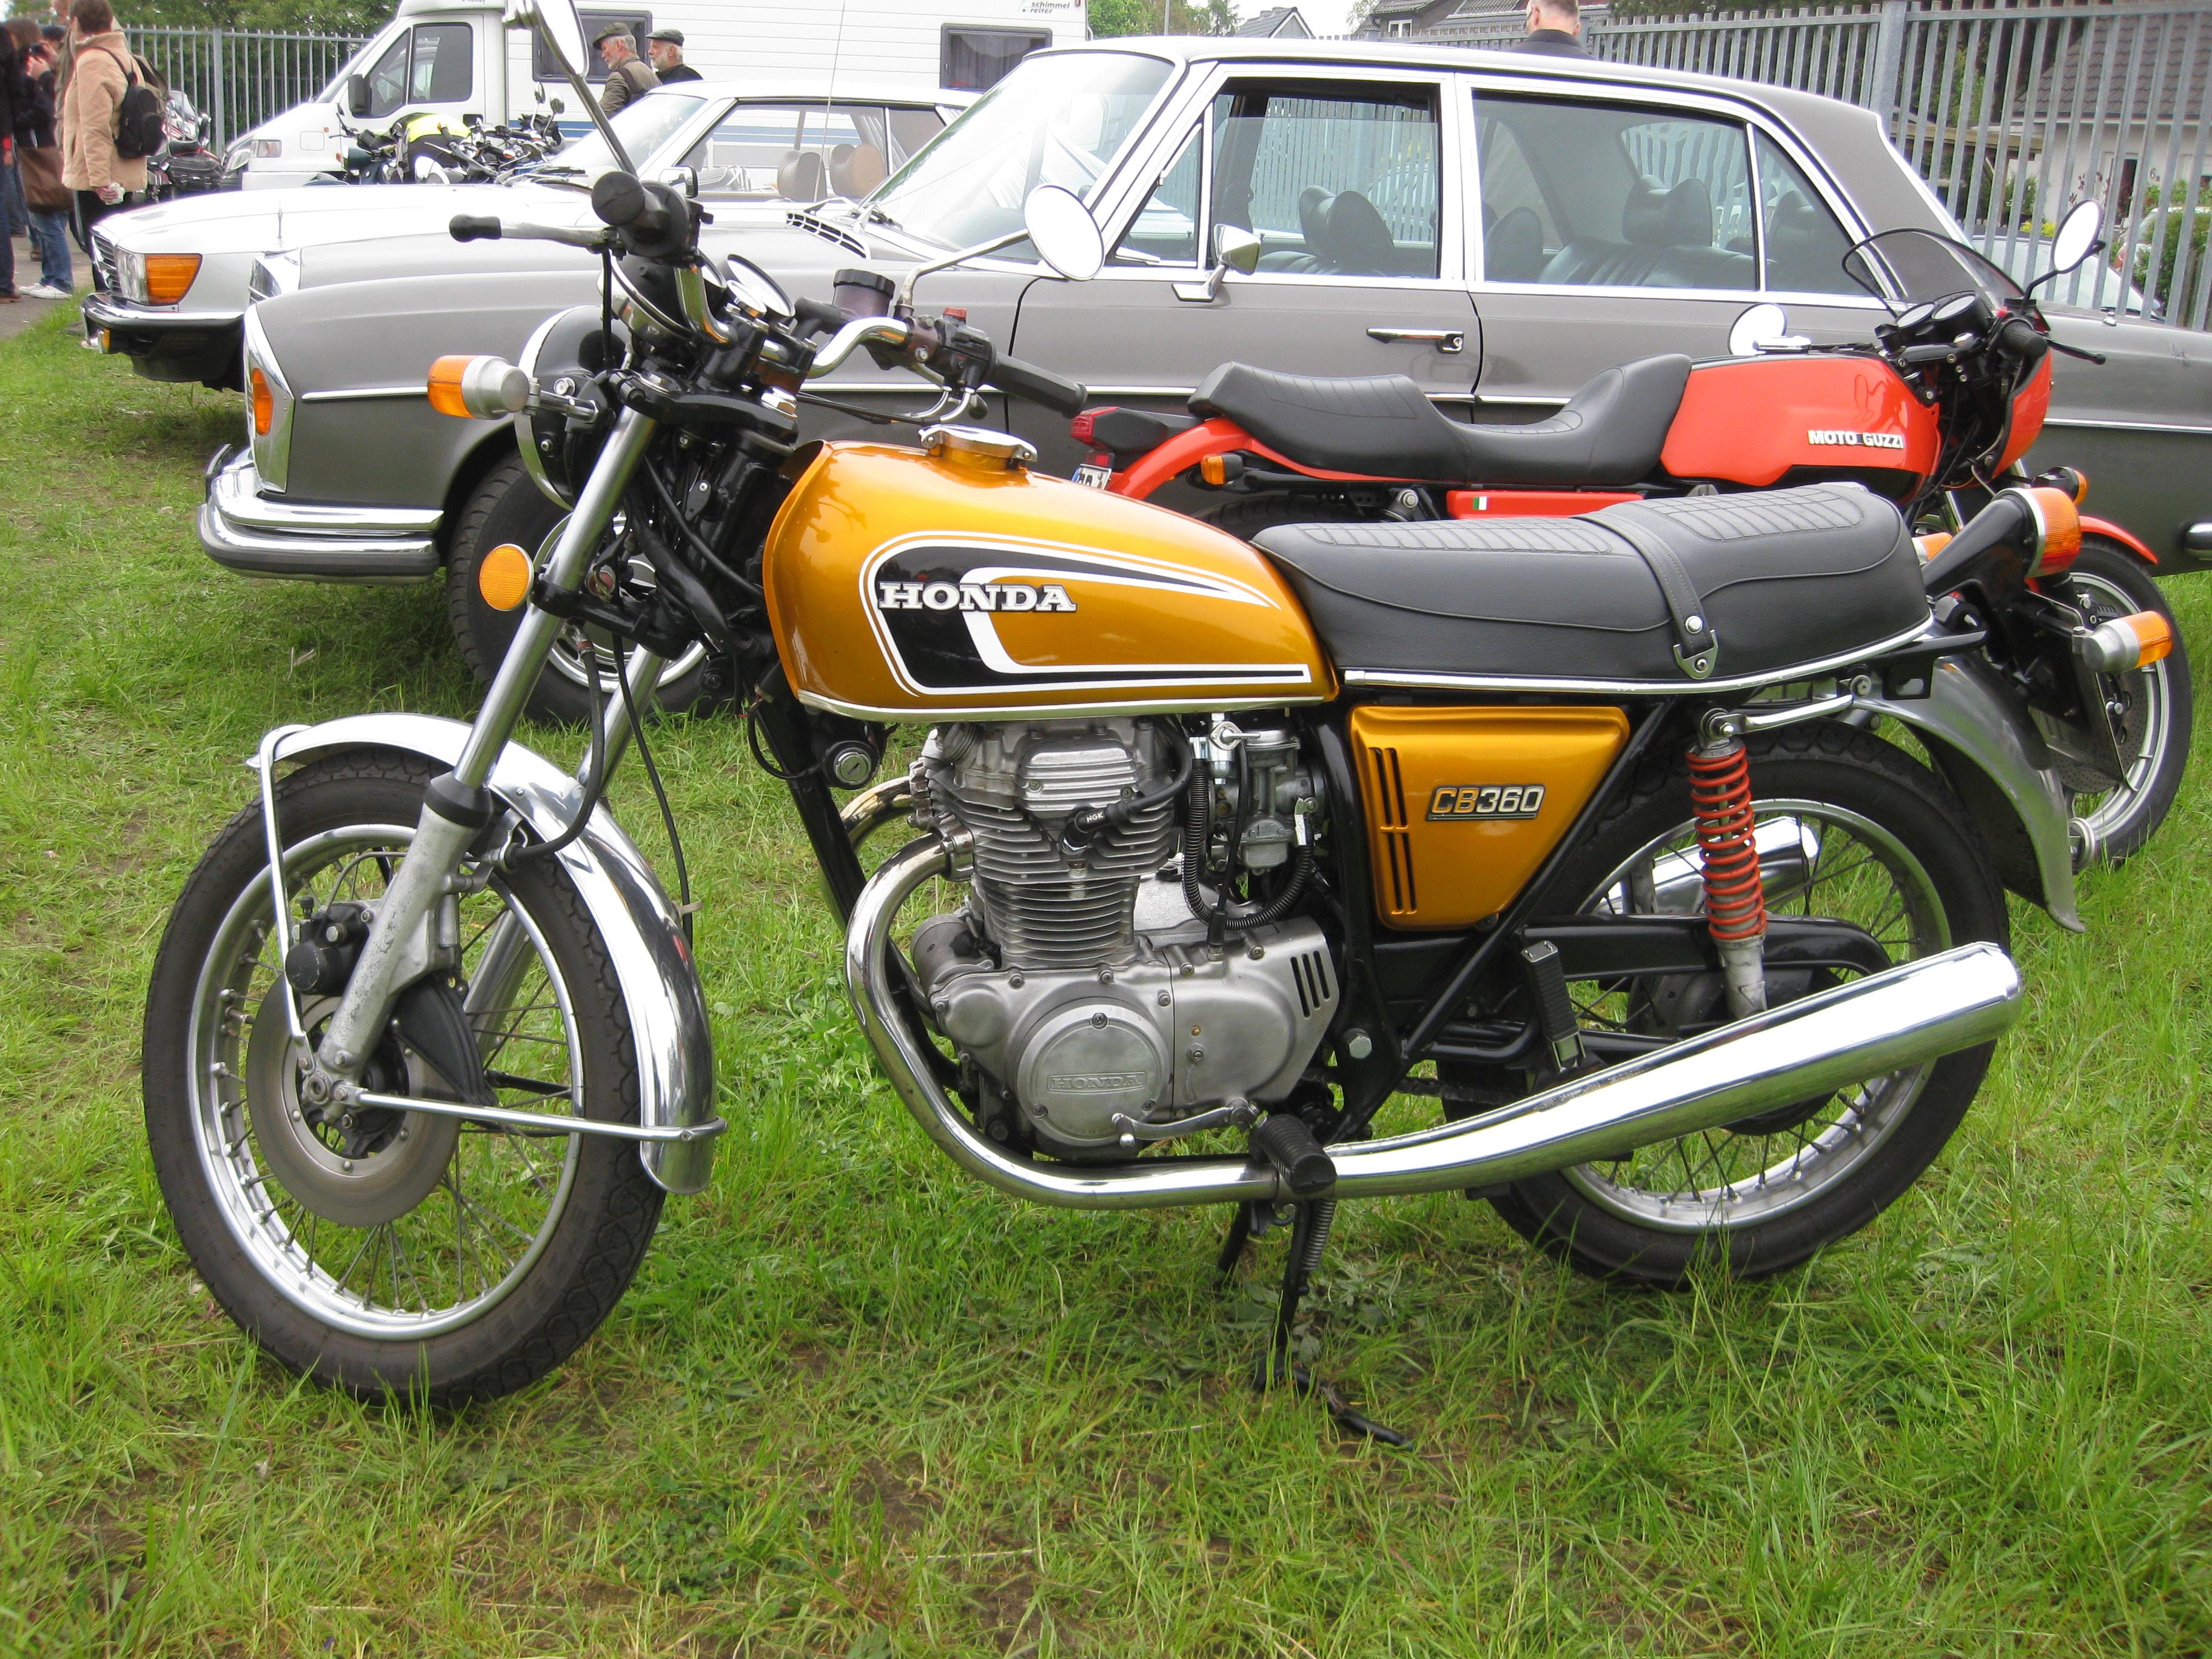 Honda  Motorcycle Gearbox Gear Ratio